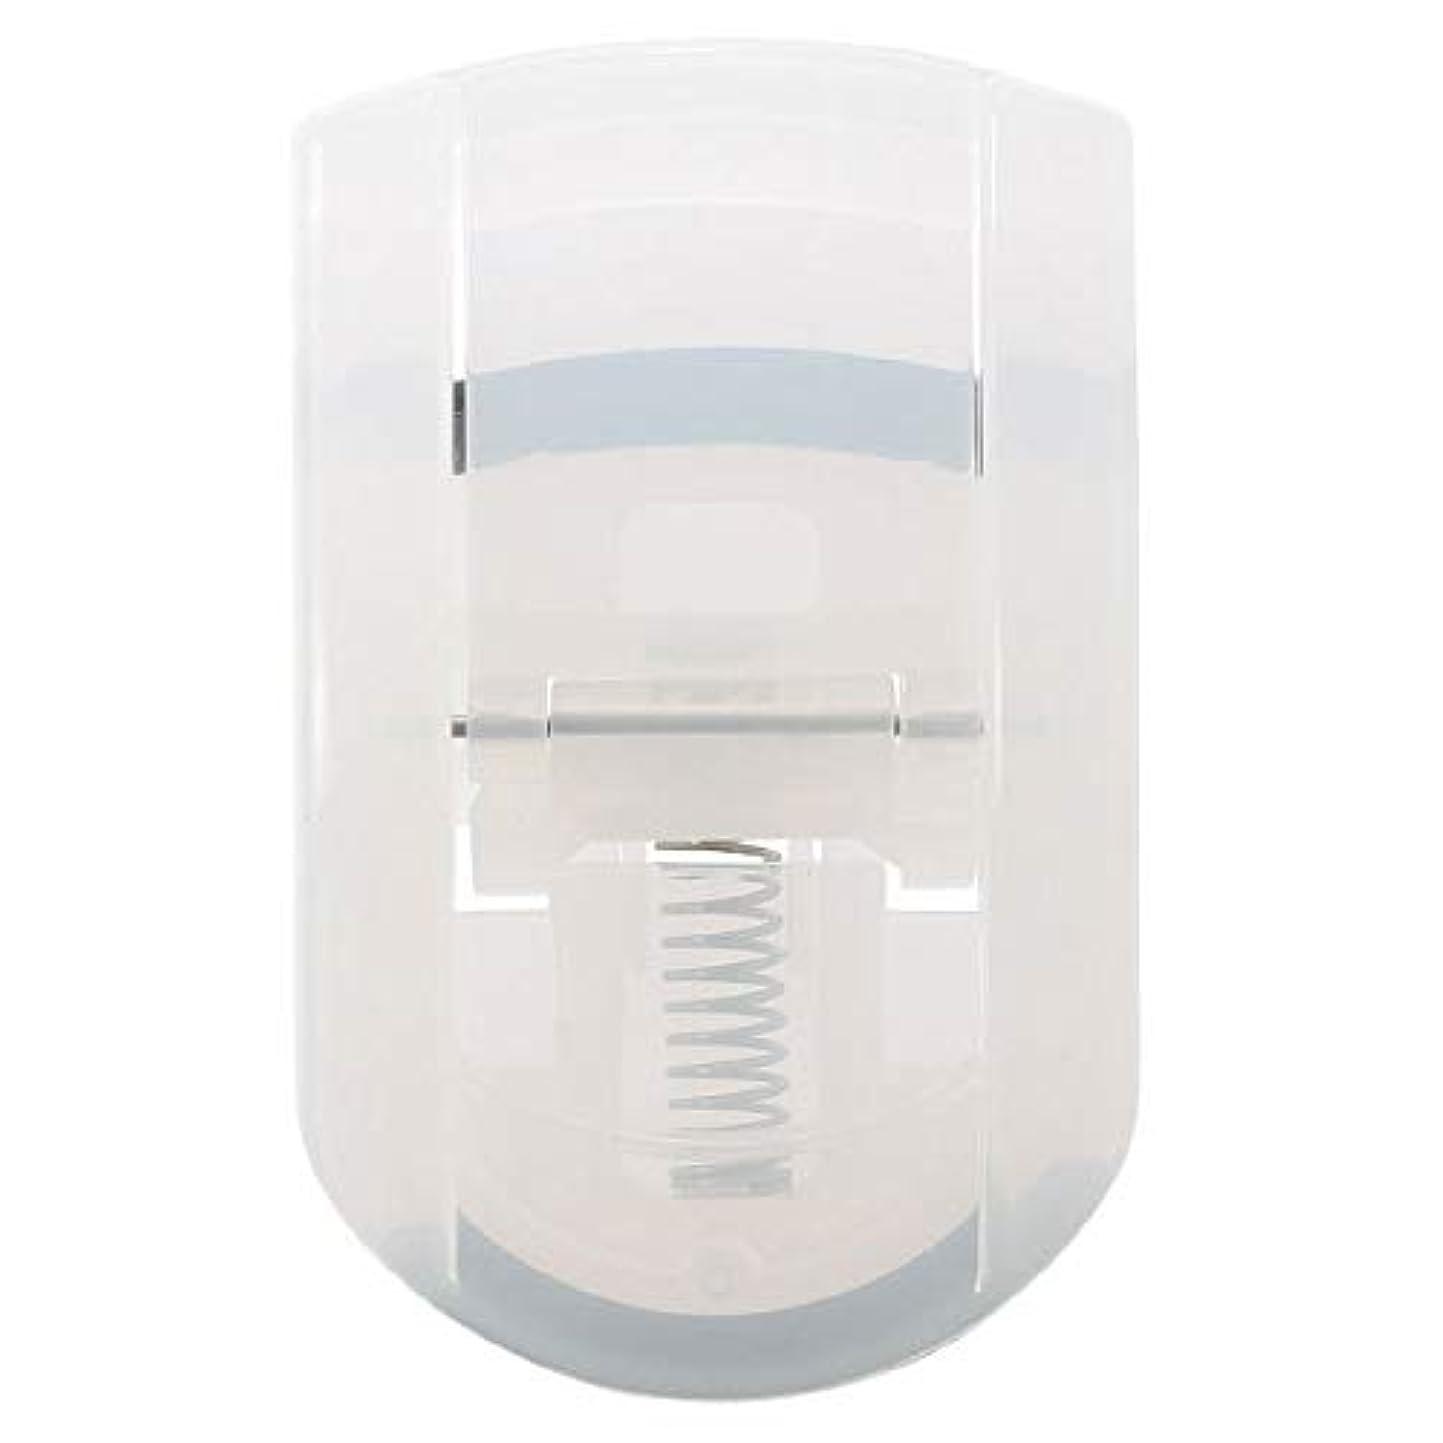 応じるリズム徹底無印良品 ポータブル アイラッシュ カーラー Portable Eyelash Curler